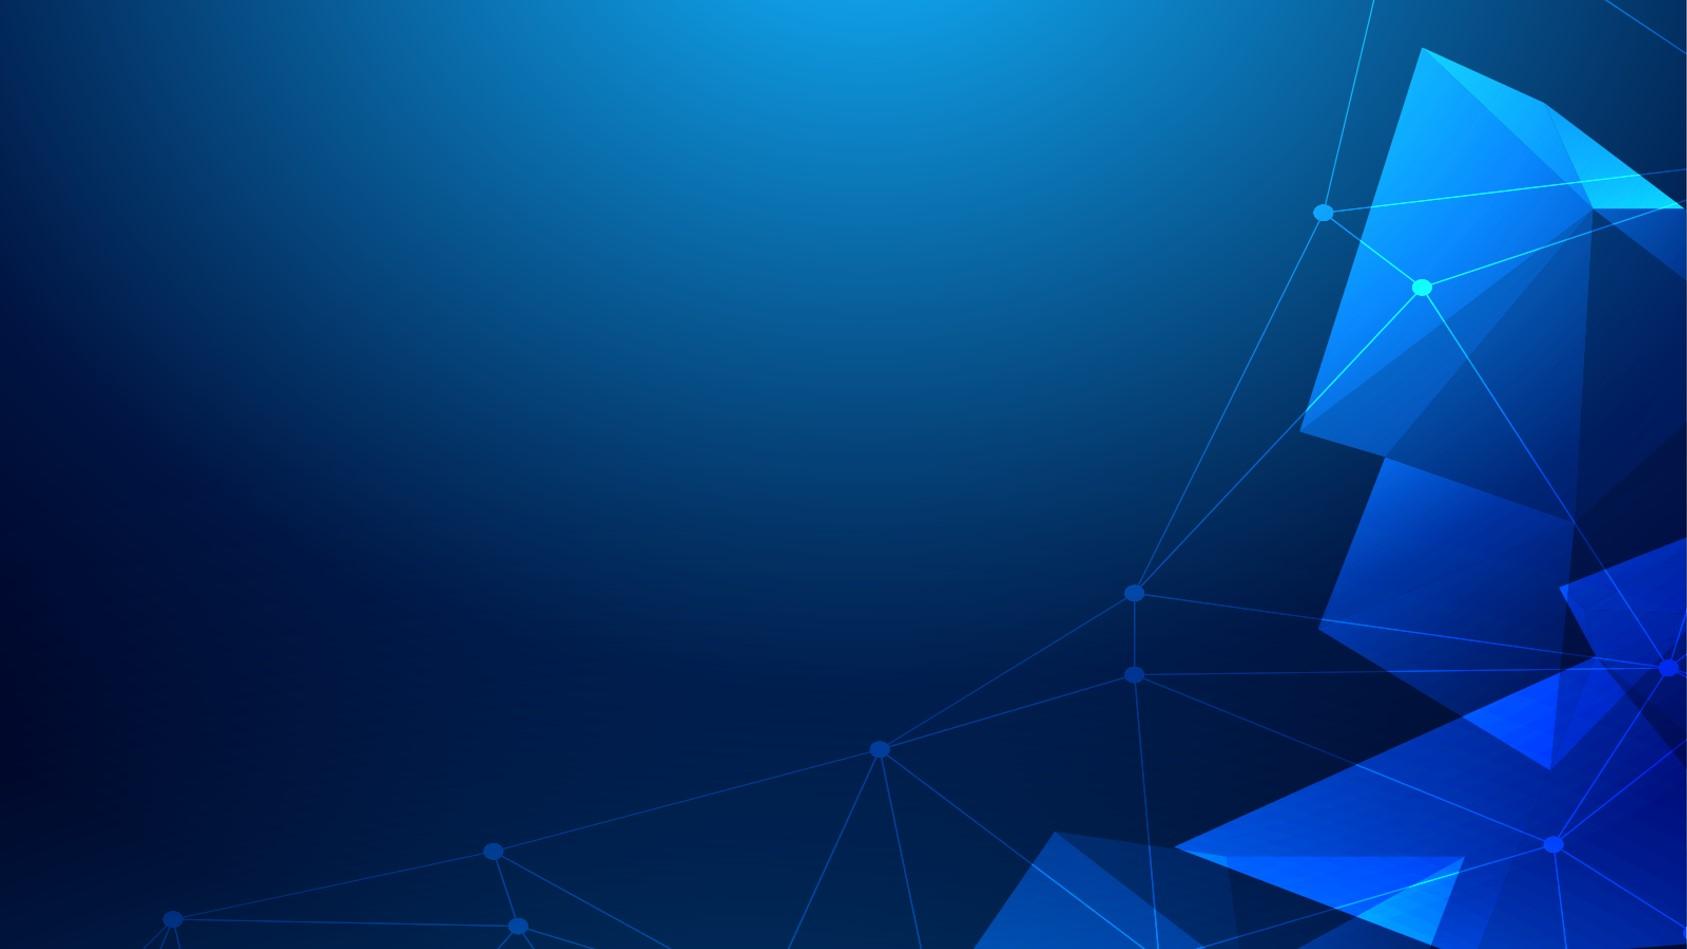 点线多边形背景科技风 科技行业工作总结PPT模板